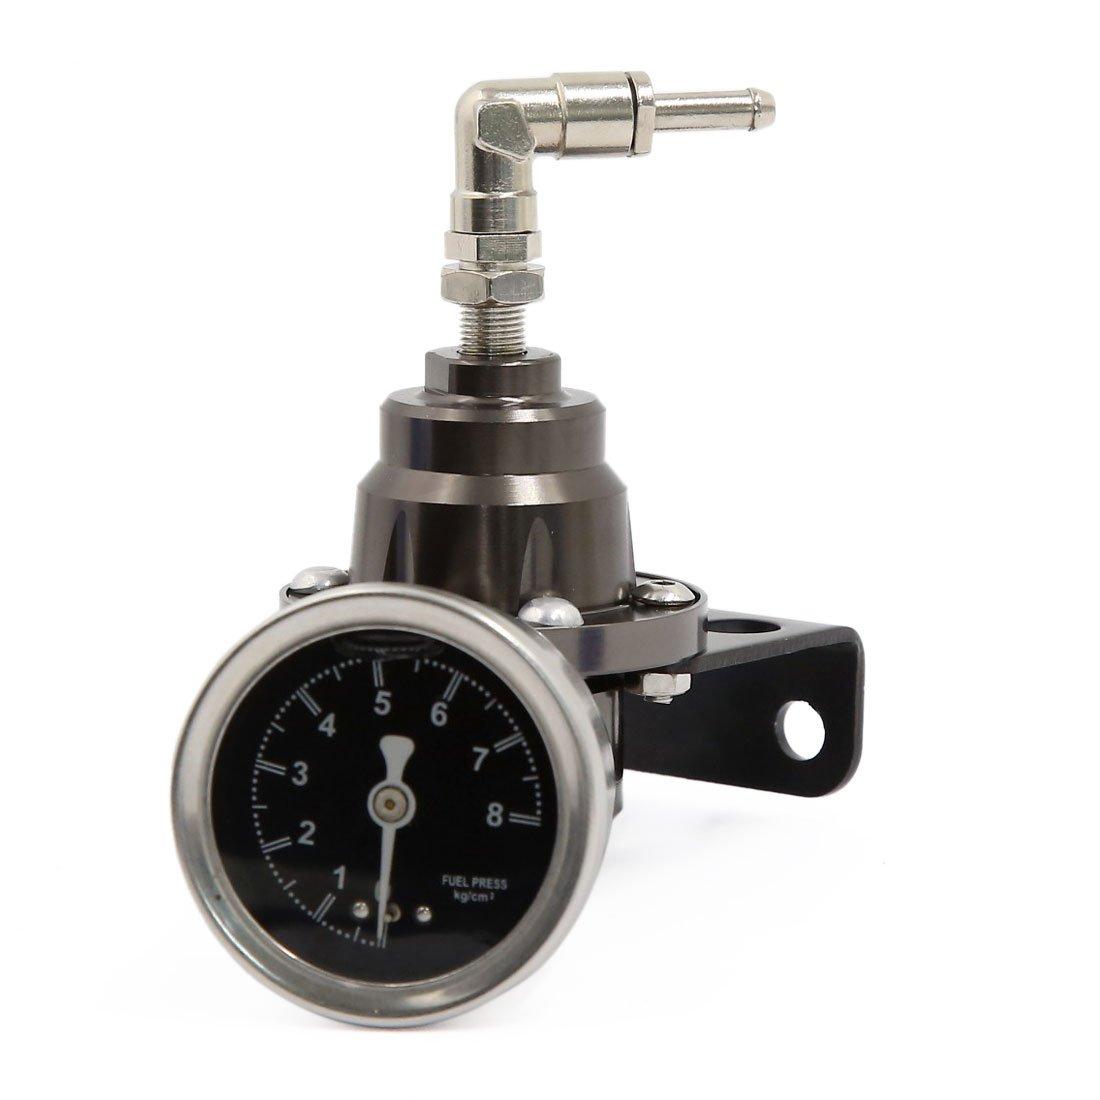 sourcing map Tono di titanio in lega di alluminio regolabile nel regolatore di pressione carburante manometro olio Kit